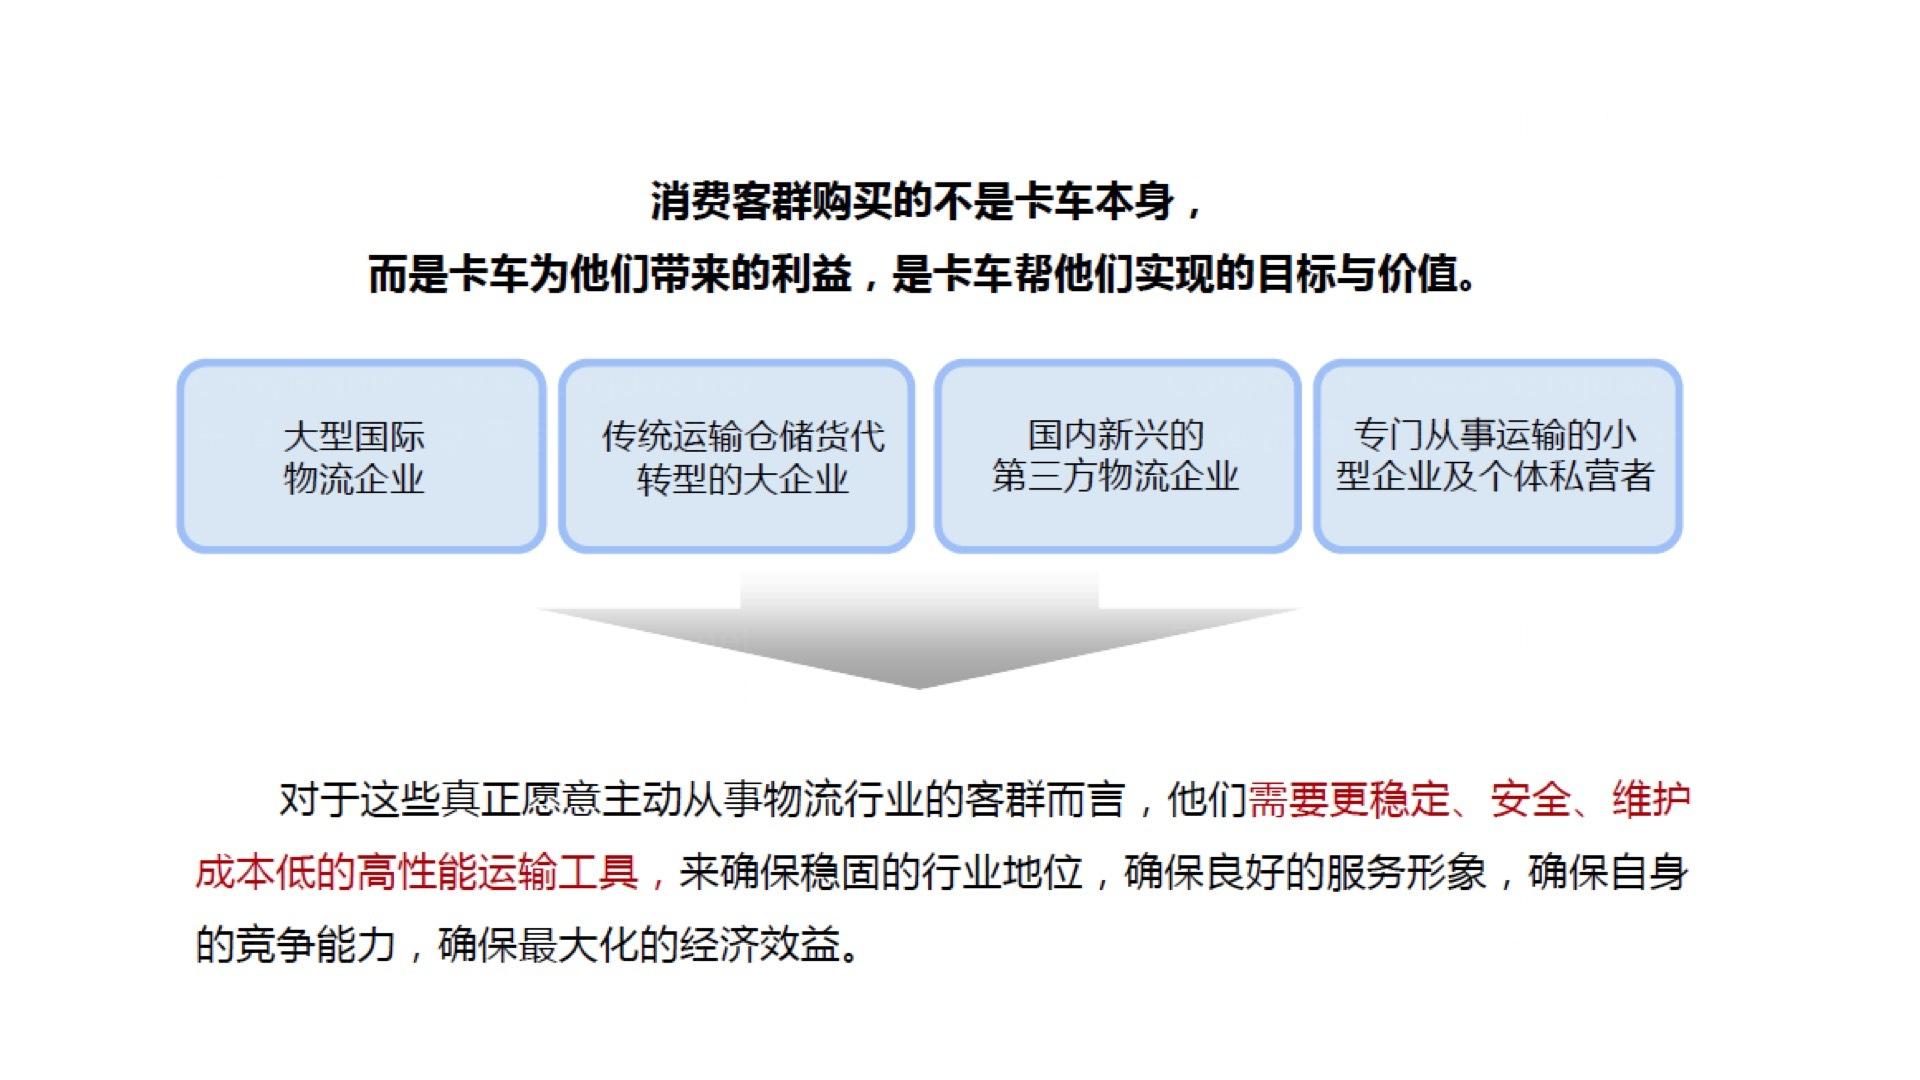 品牌战略&企业文化联合卡车联合卡车品牌战略规划应用场景_1